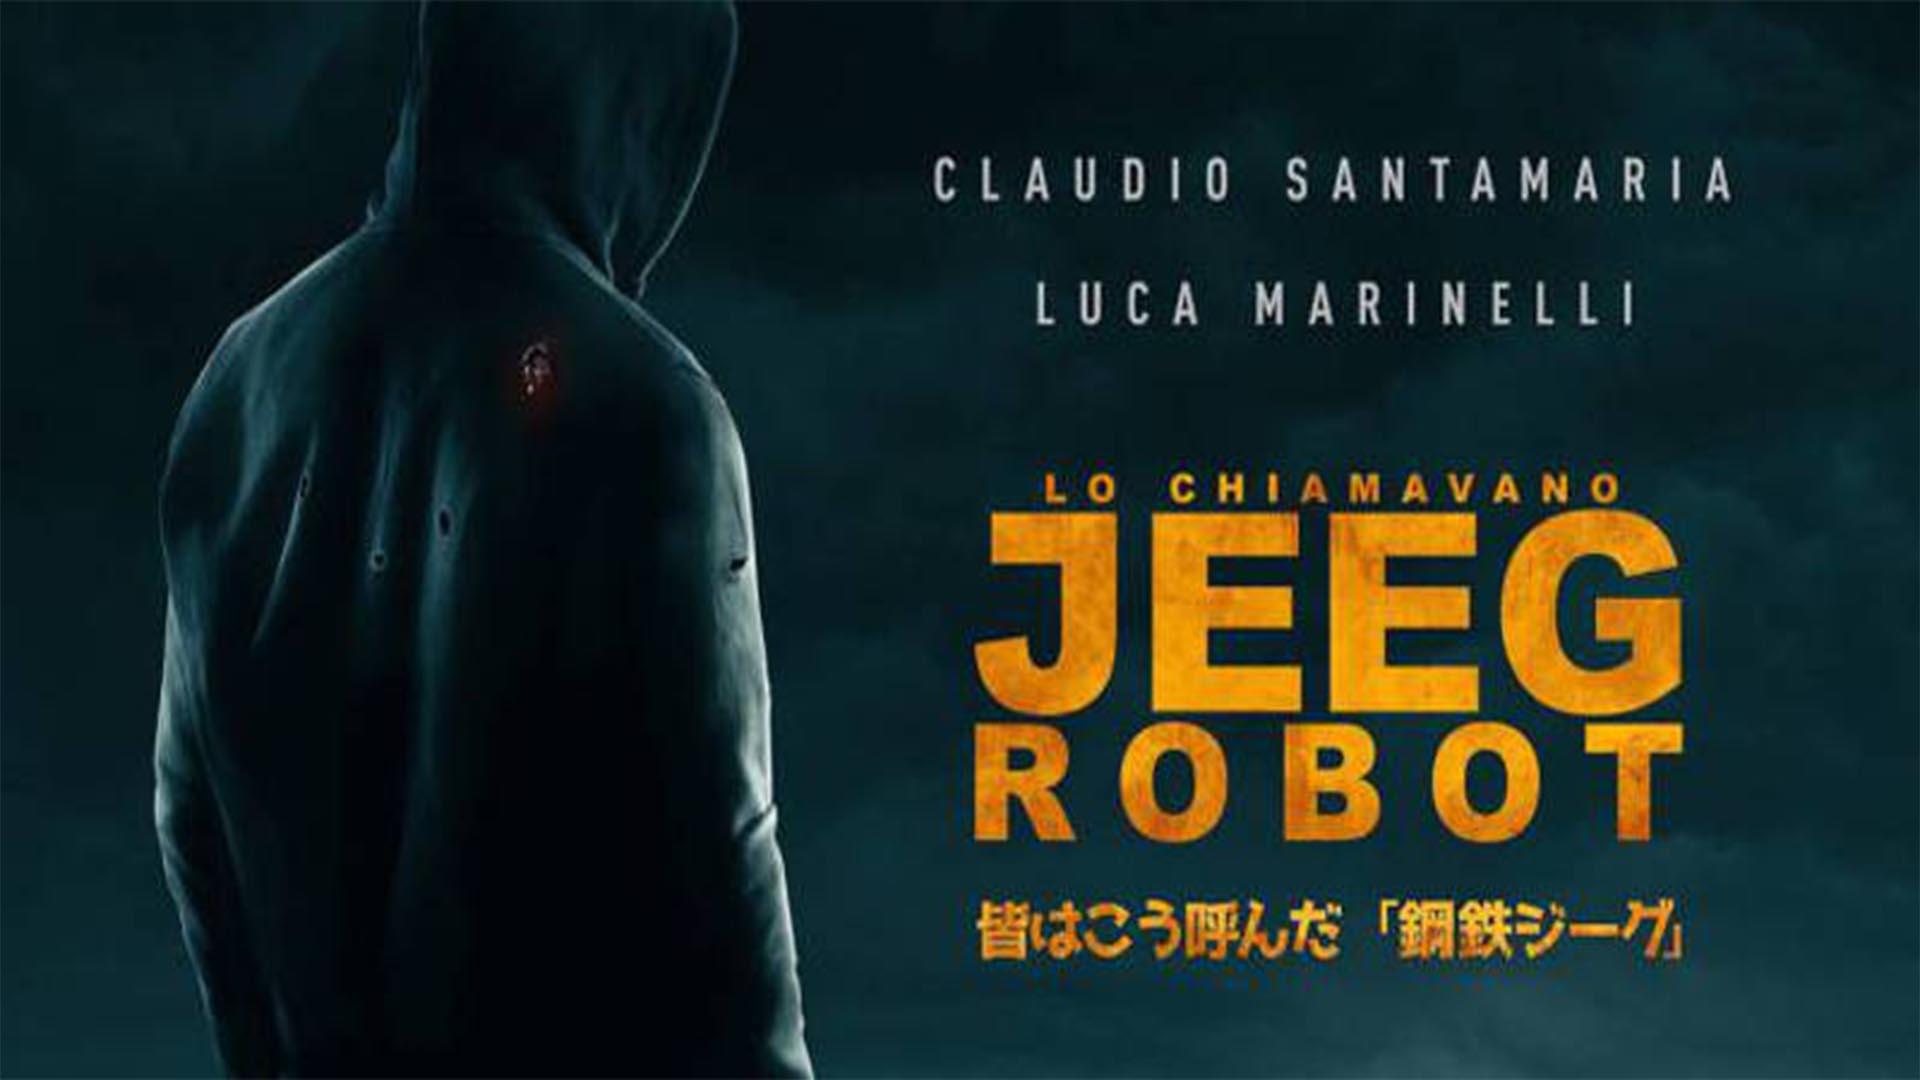 http://blog.italiansubs.net/wp-content/uploads/2016/04/svelato-il-primo-poster-di-lo-chiamavano-jeeg-robot-01.jpg